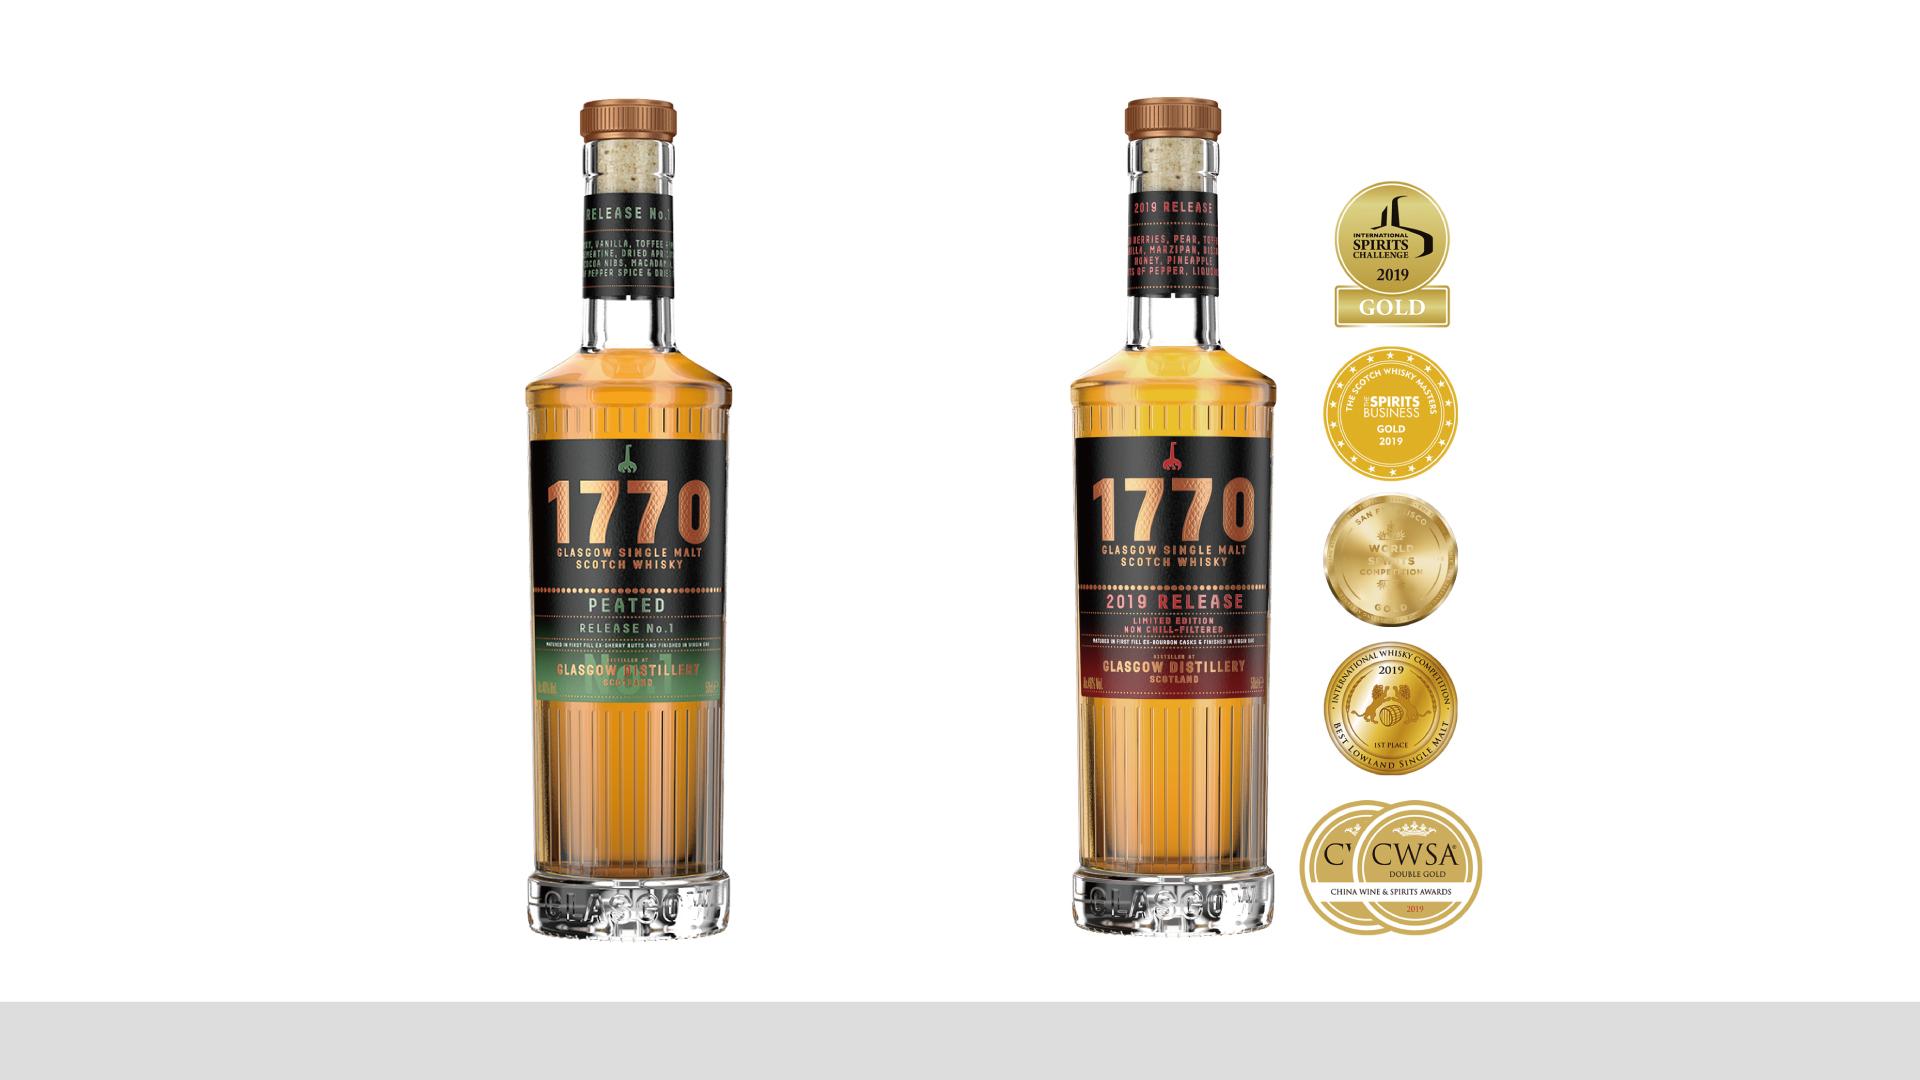 1770單一純麥威士忌系列再現格拉斯哥製酒榮景